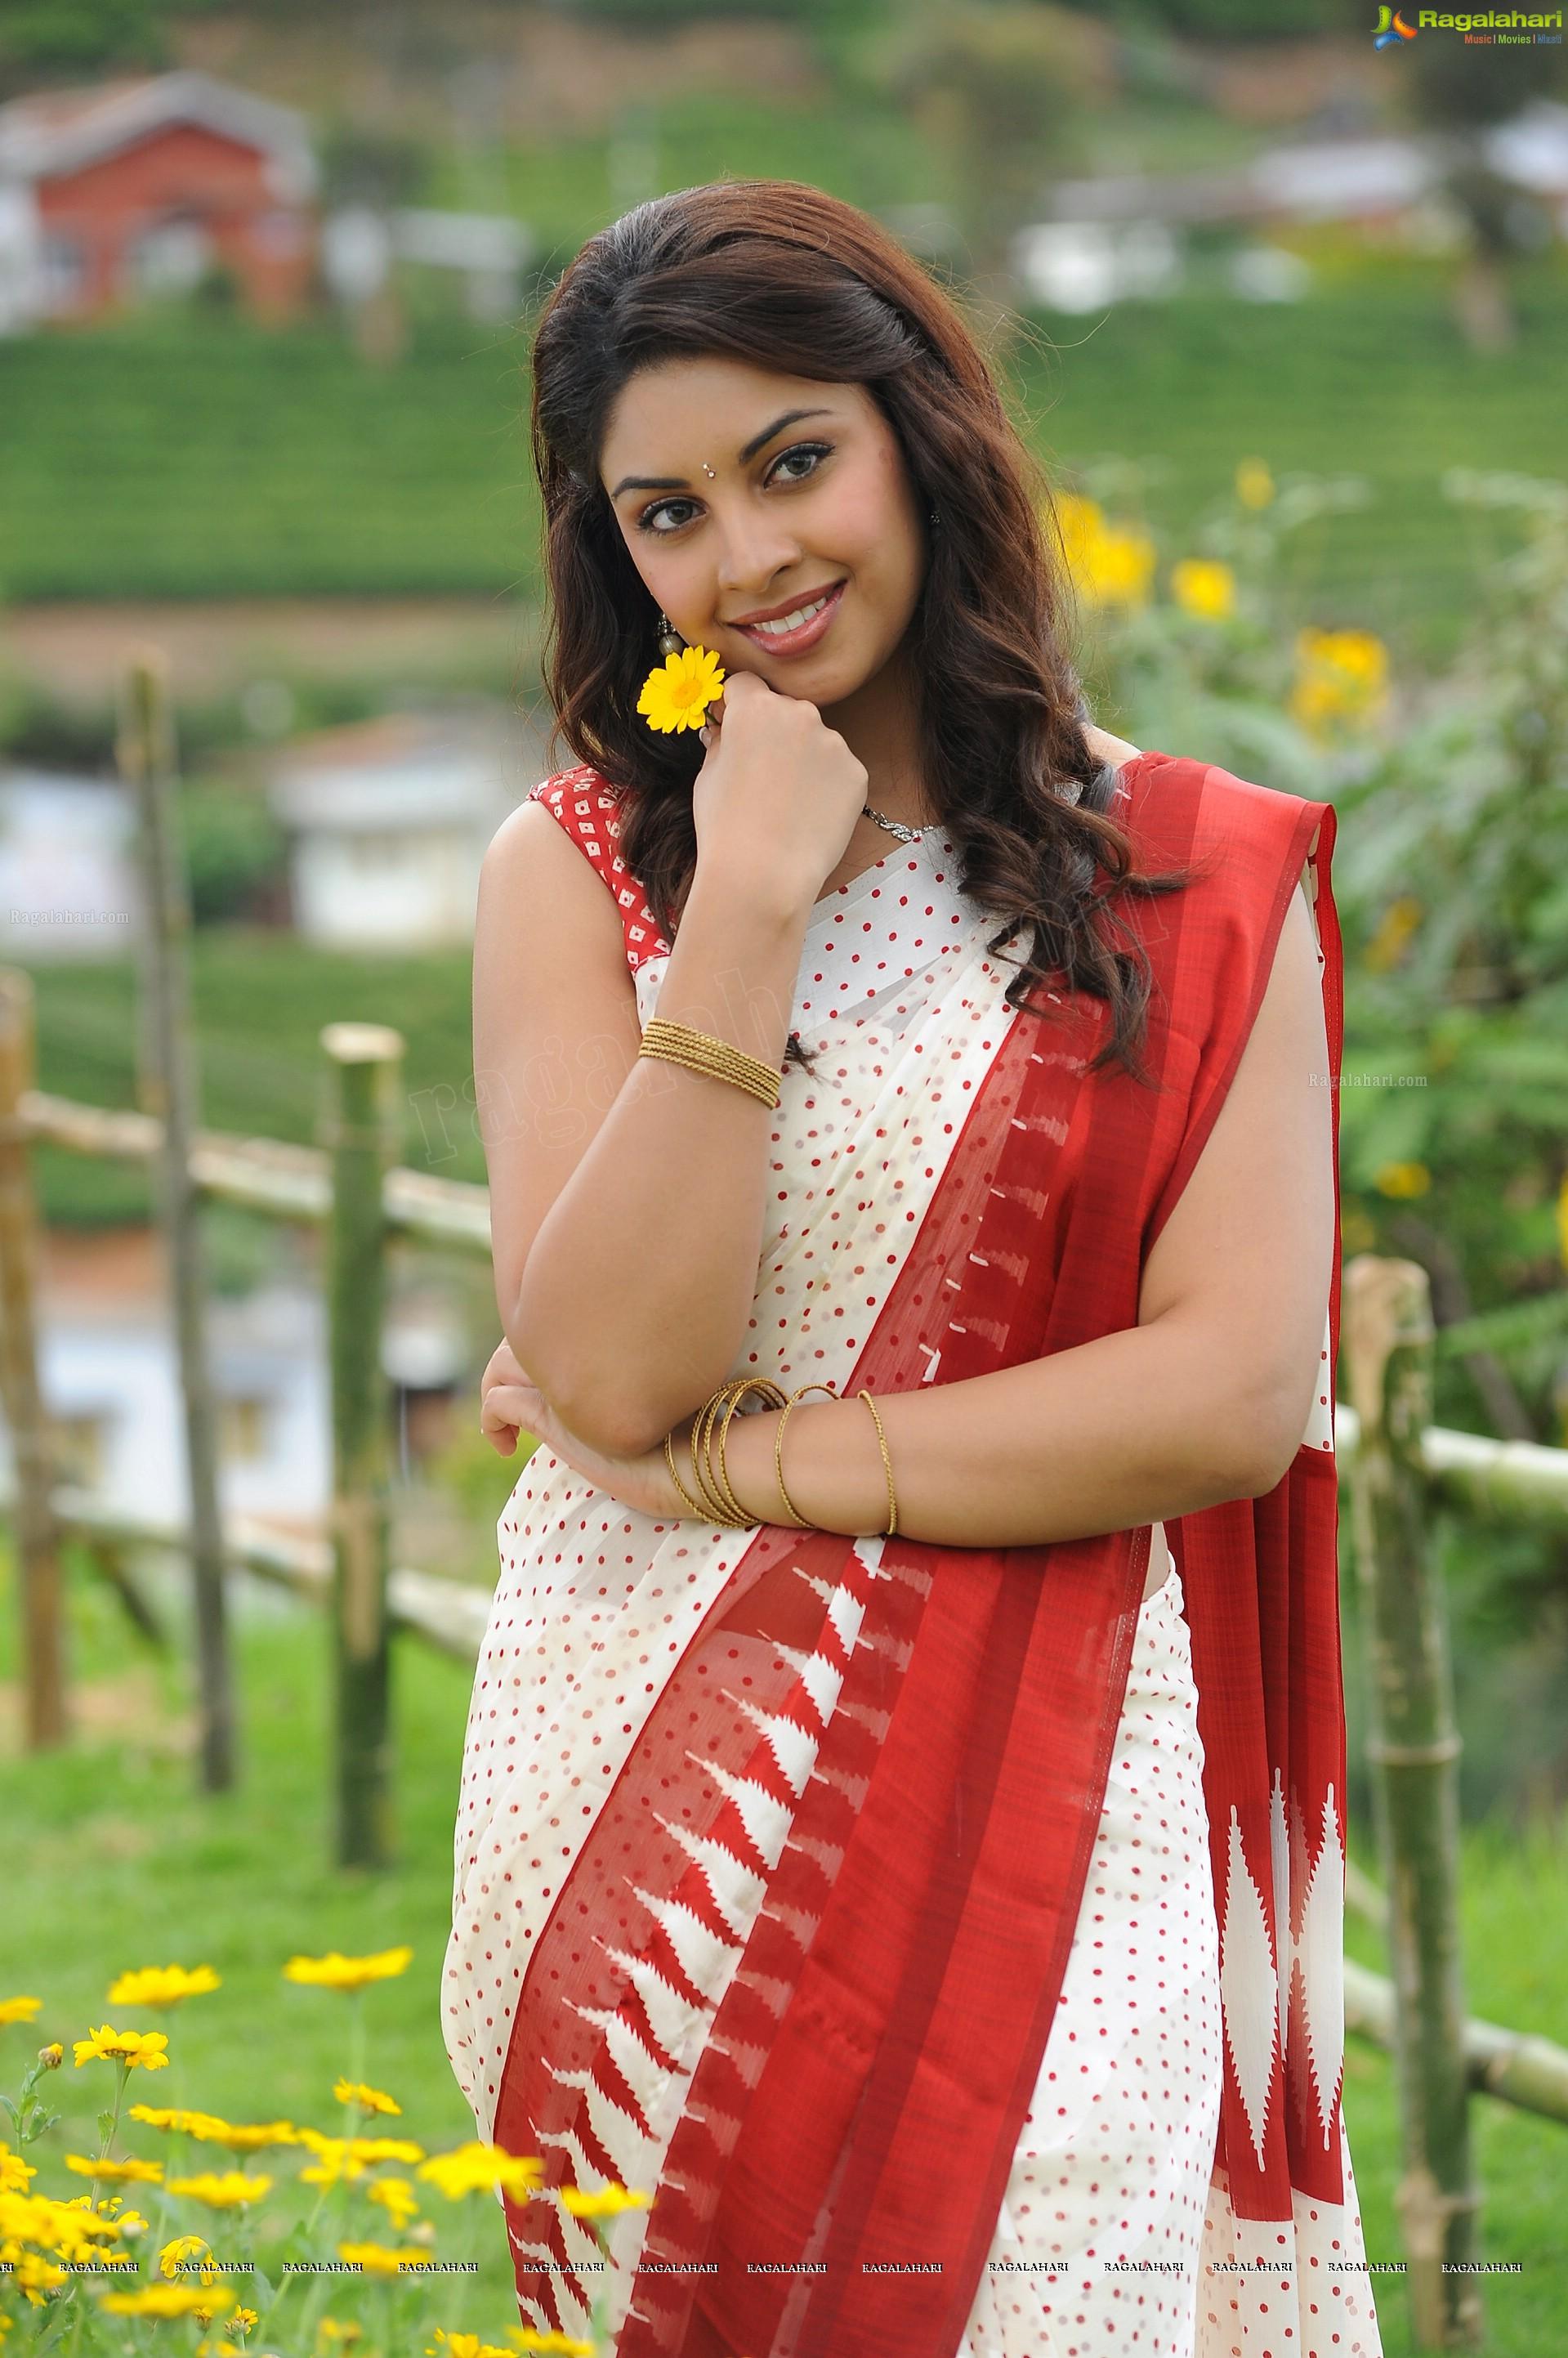 richa gangopadhyay hot saree photos indian actress pictures